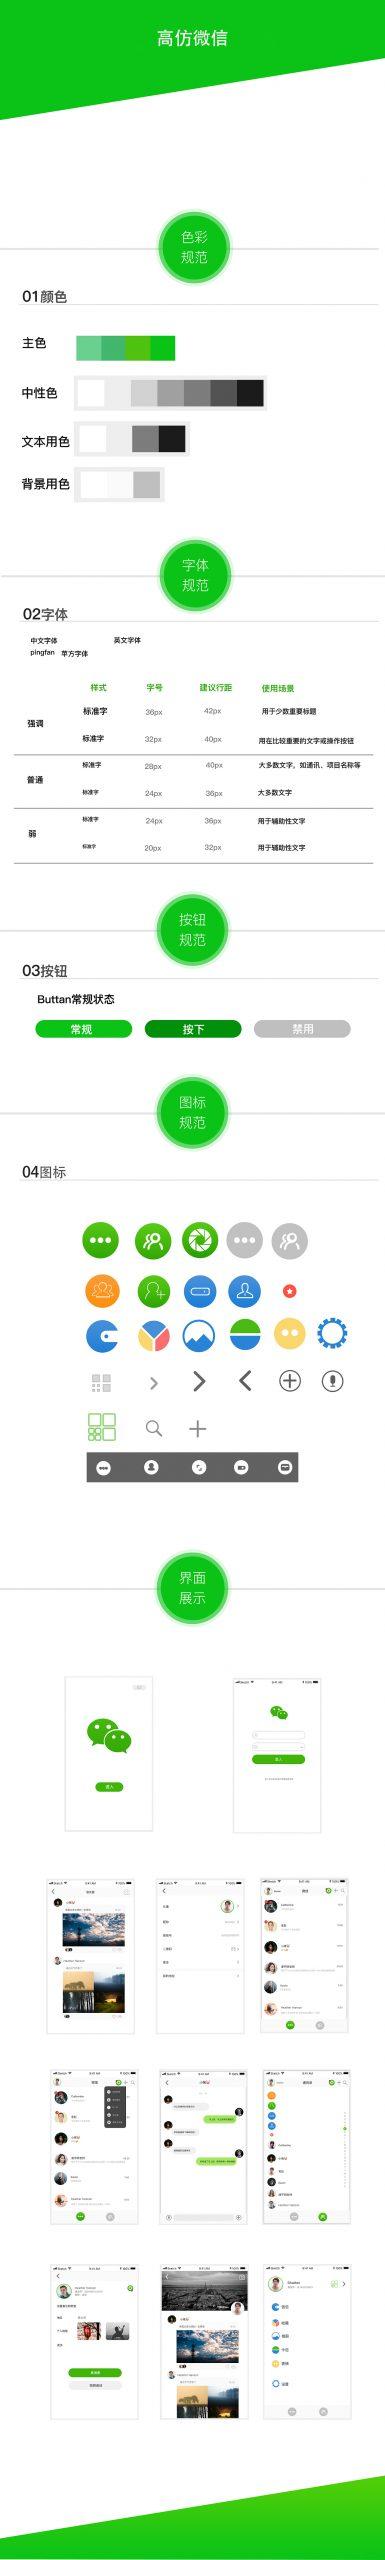 2019新版仿微信社交社区即时通讯聊天源码带PC端